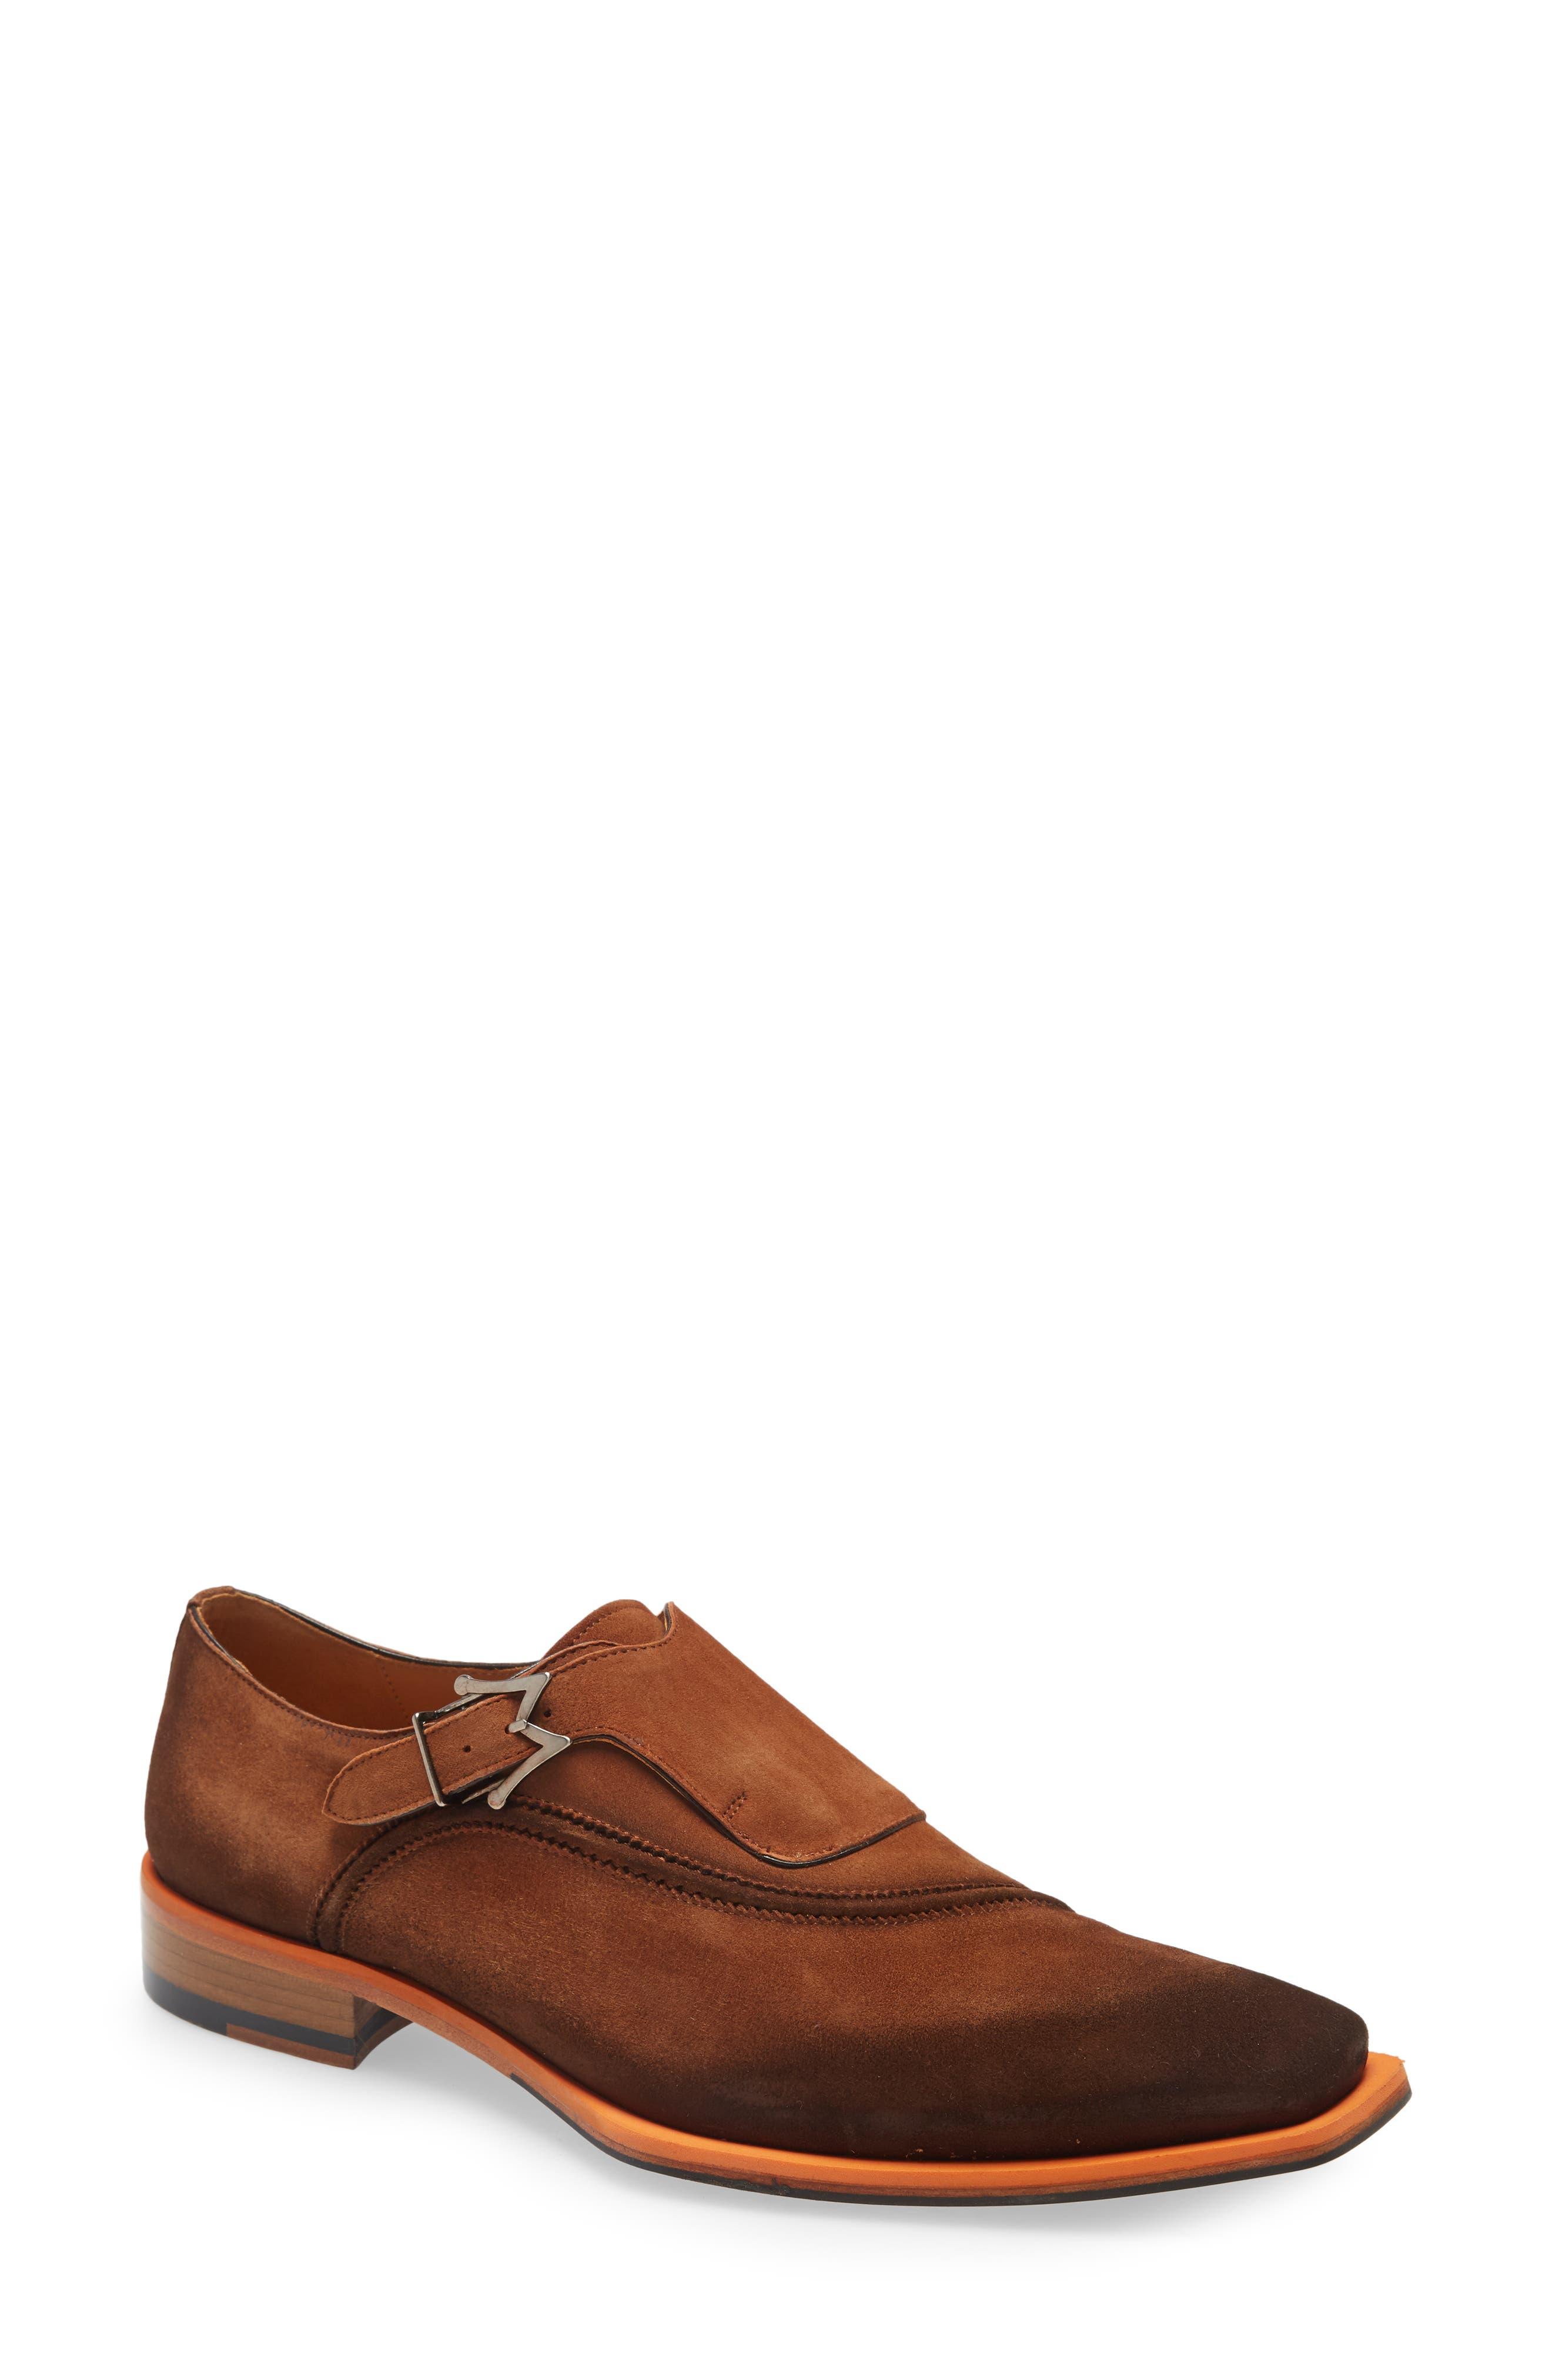 Asymmetric Monk Strap Shoe